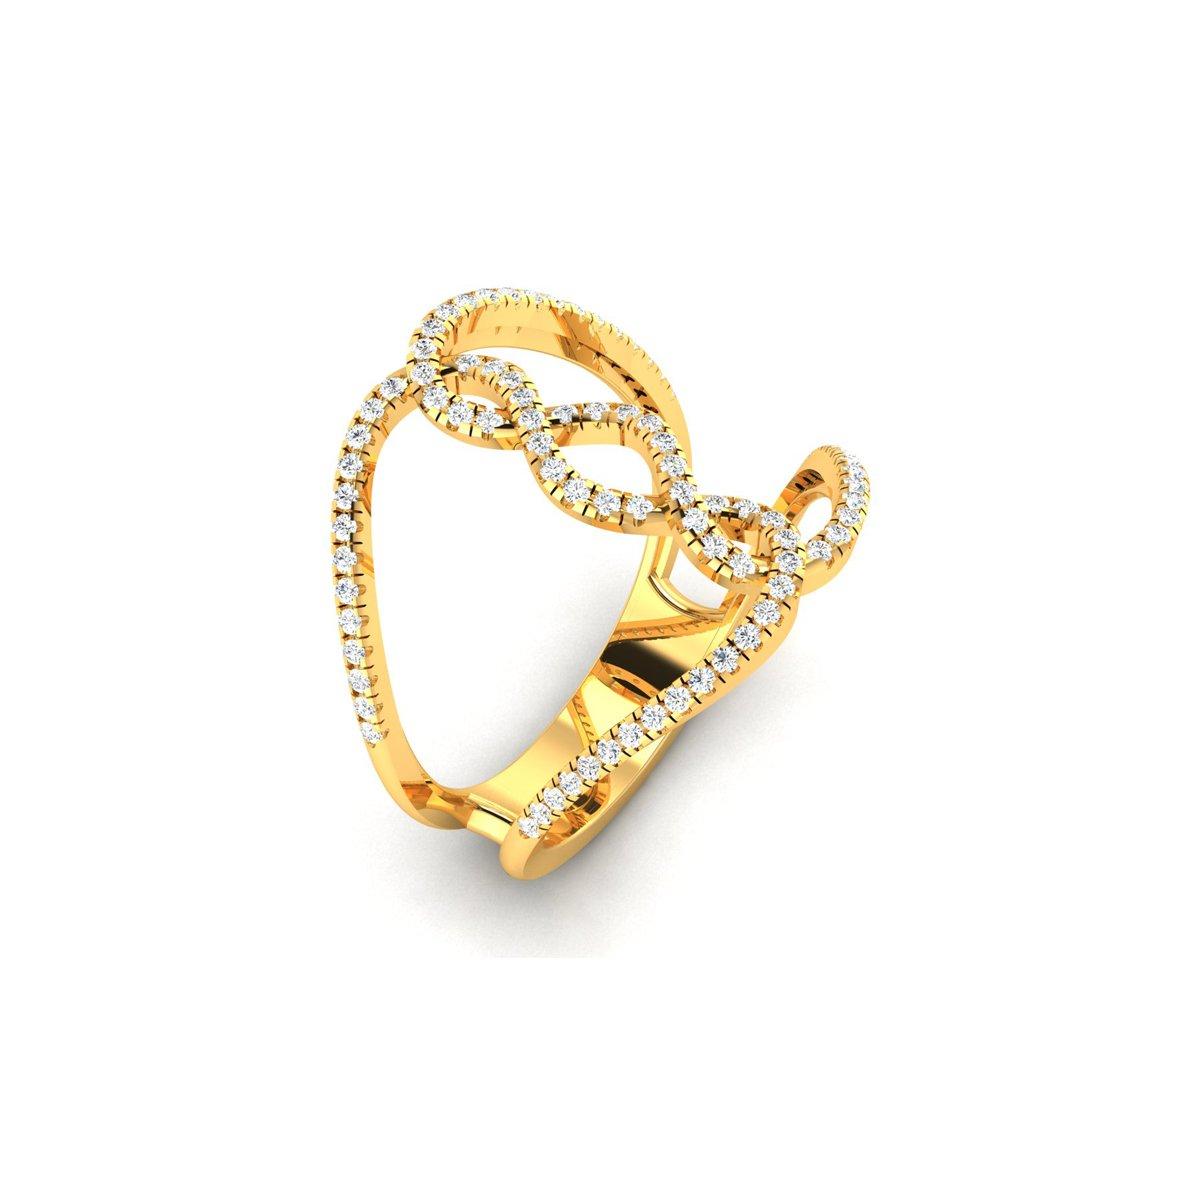 Starknot Diamond Ring